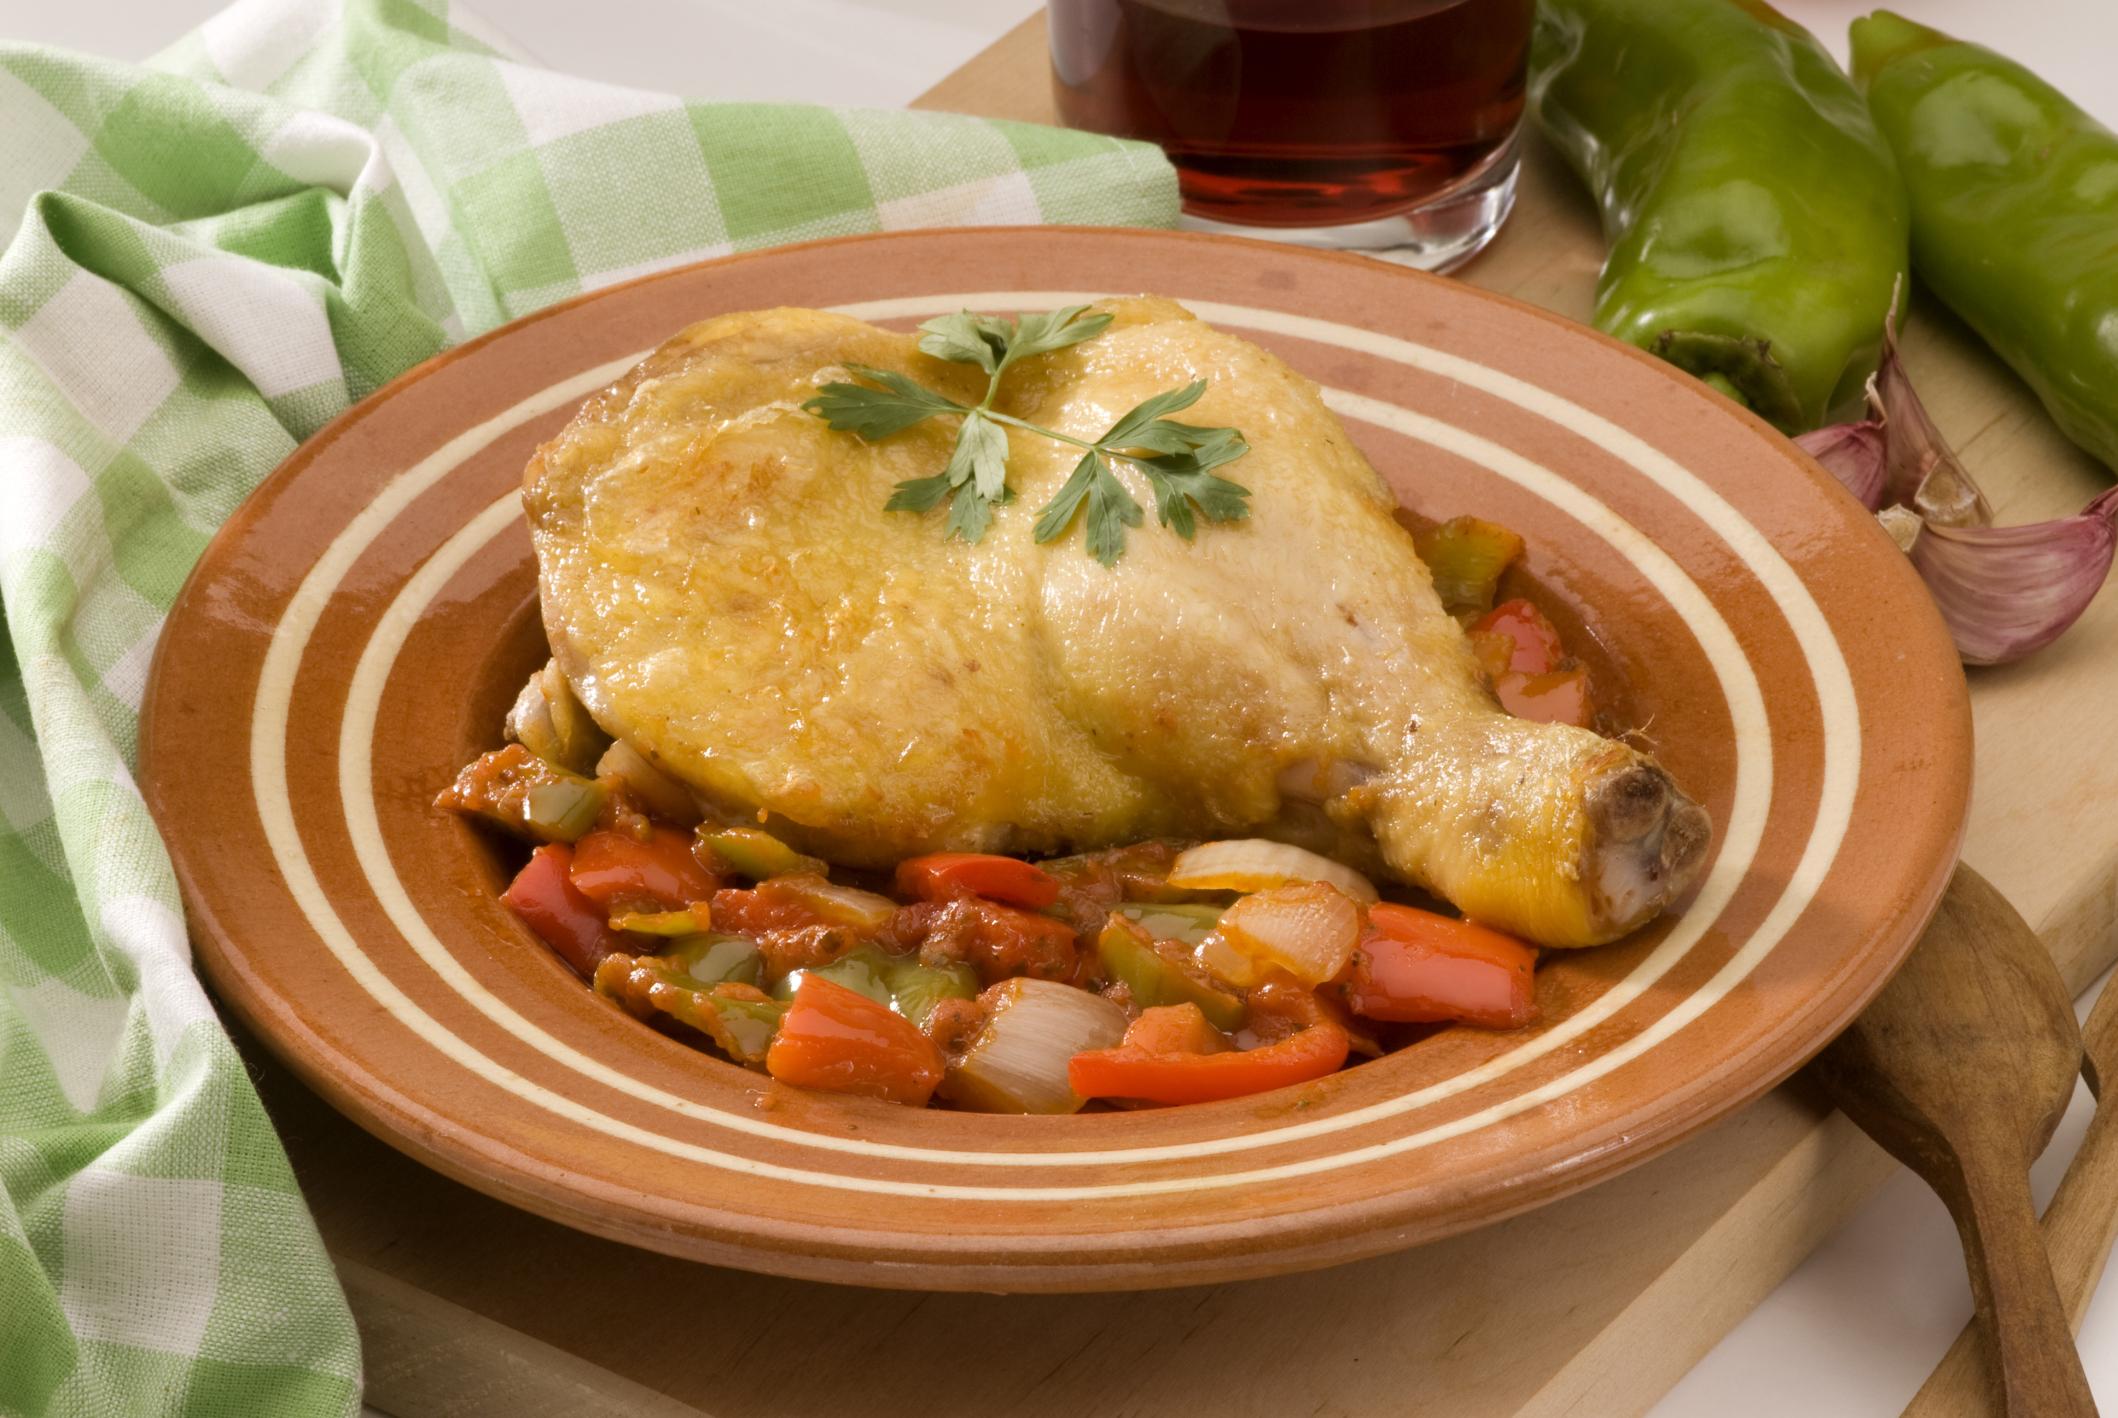 Pollo al chilindrón con jamón